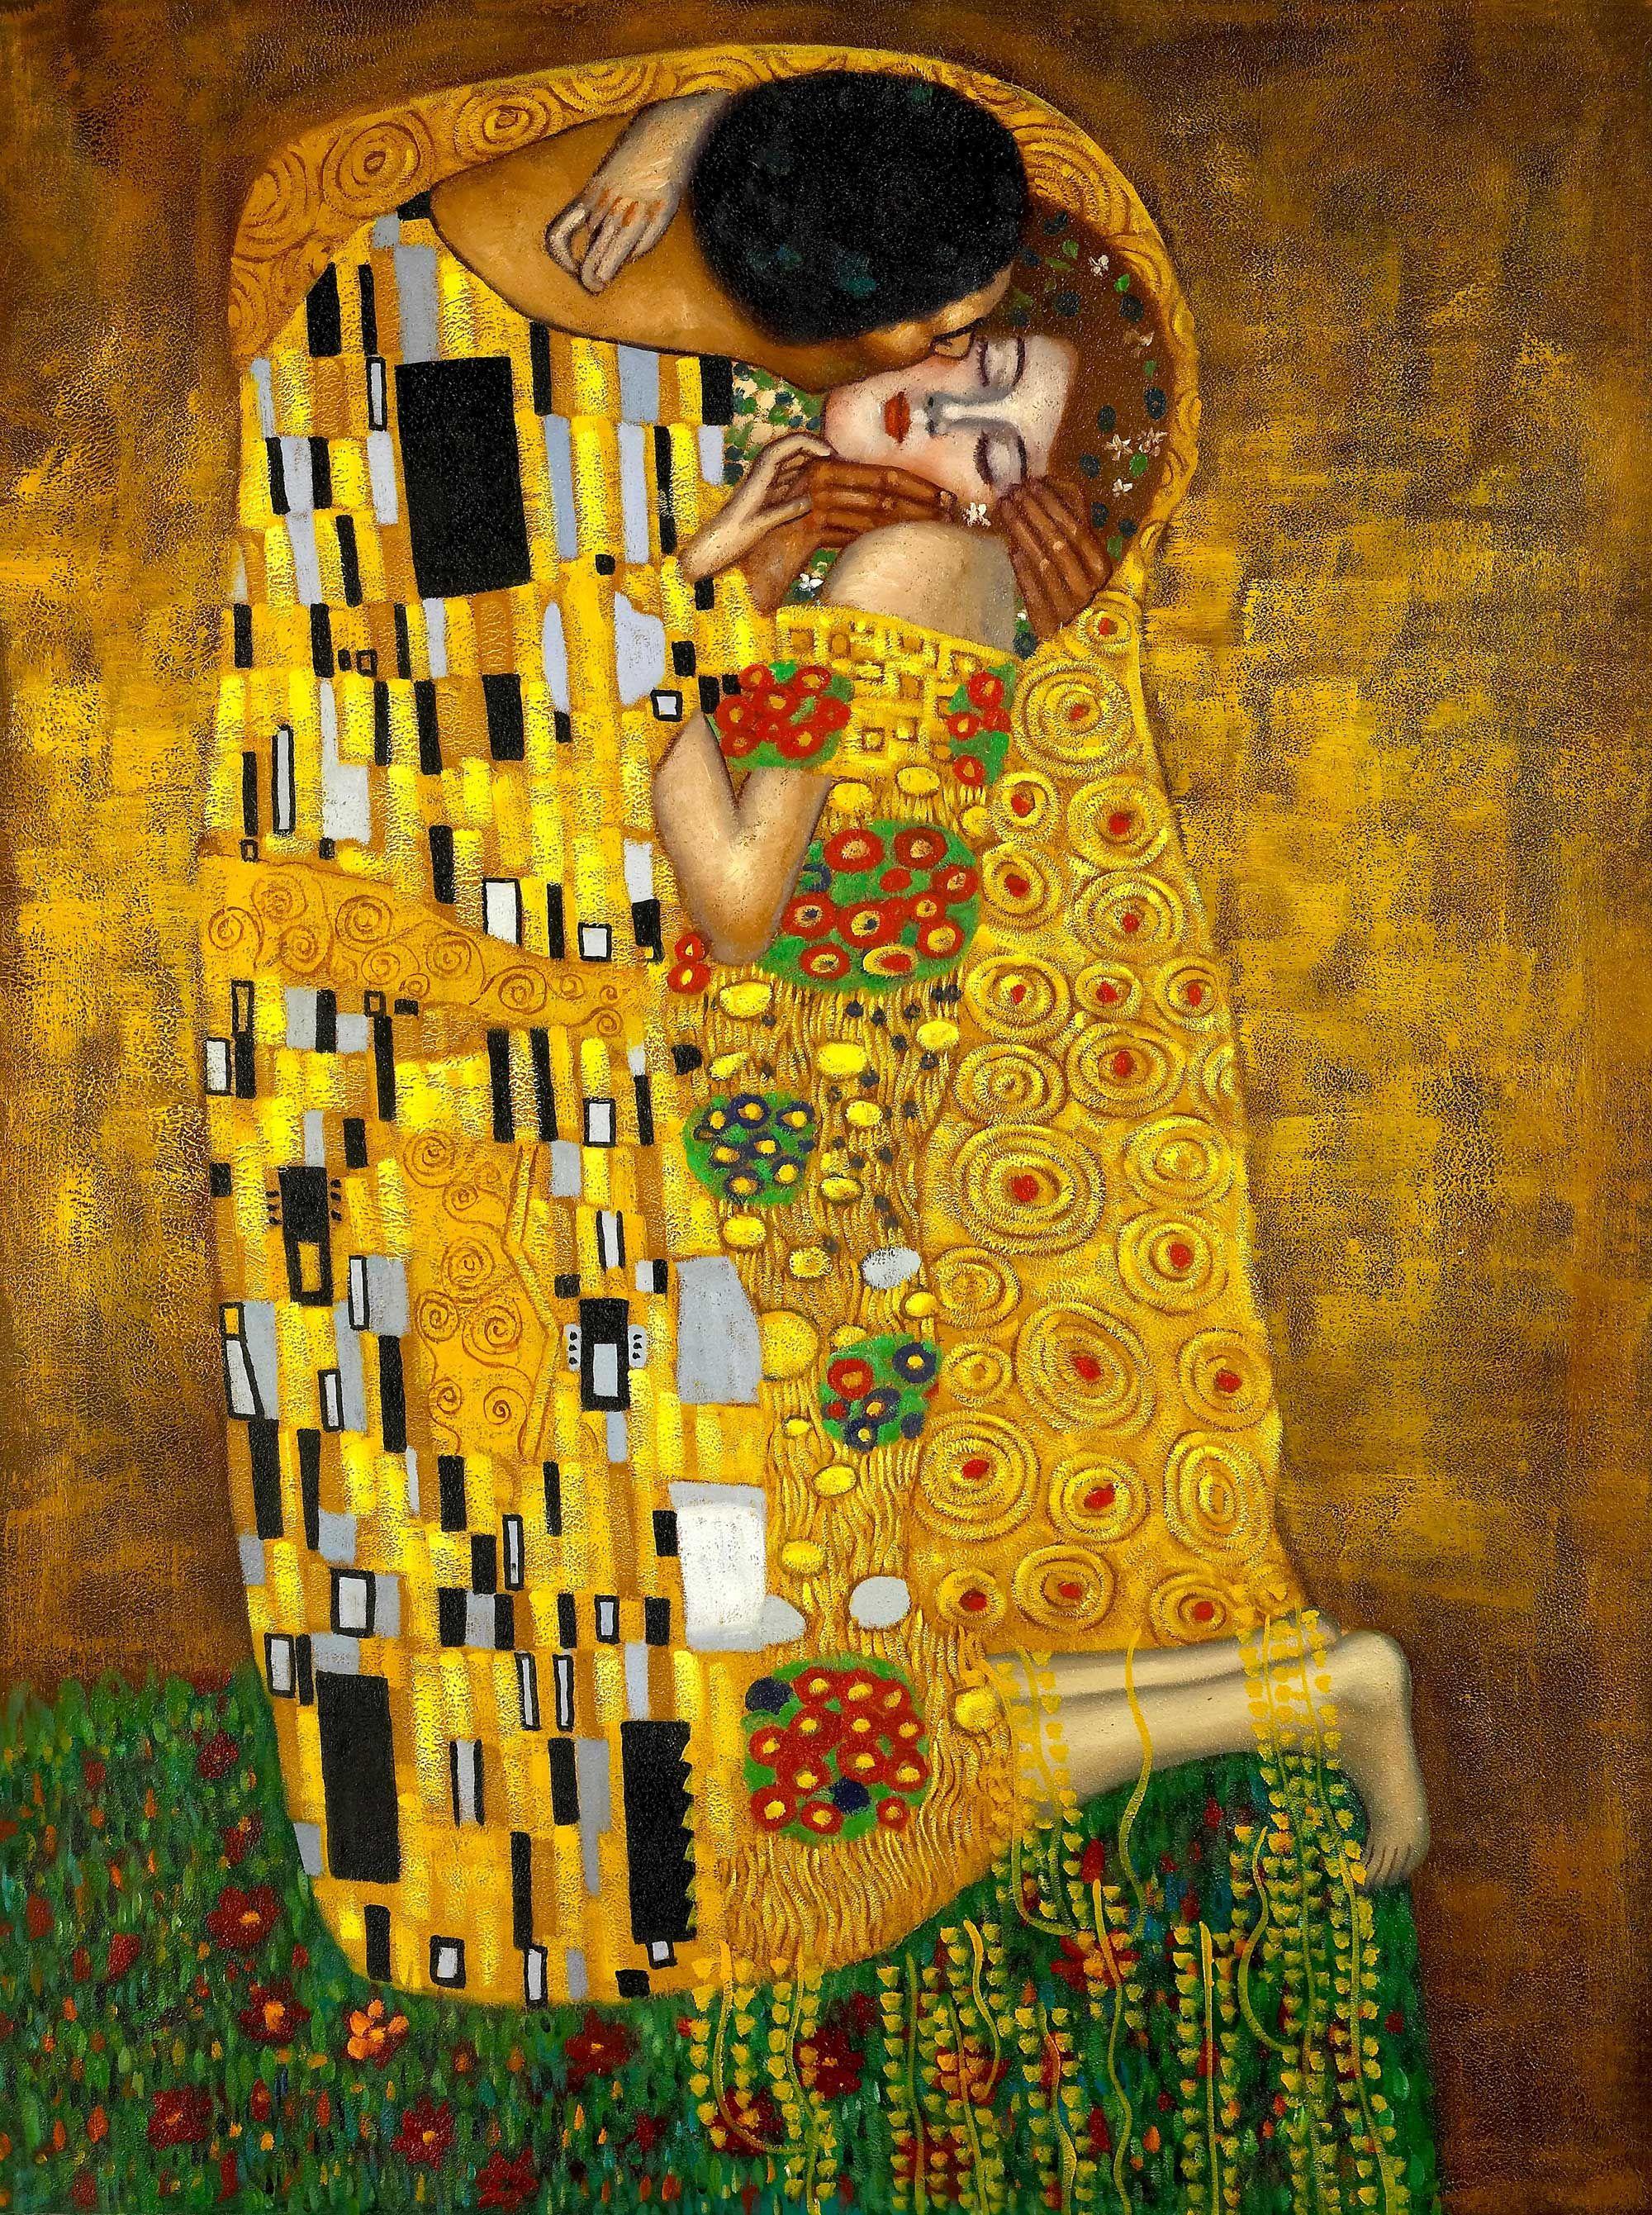 El beso. Klimt. | Cultura | Pinterest | Klimt, El beso y Besos